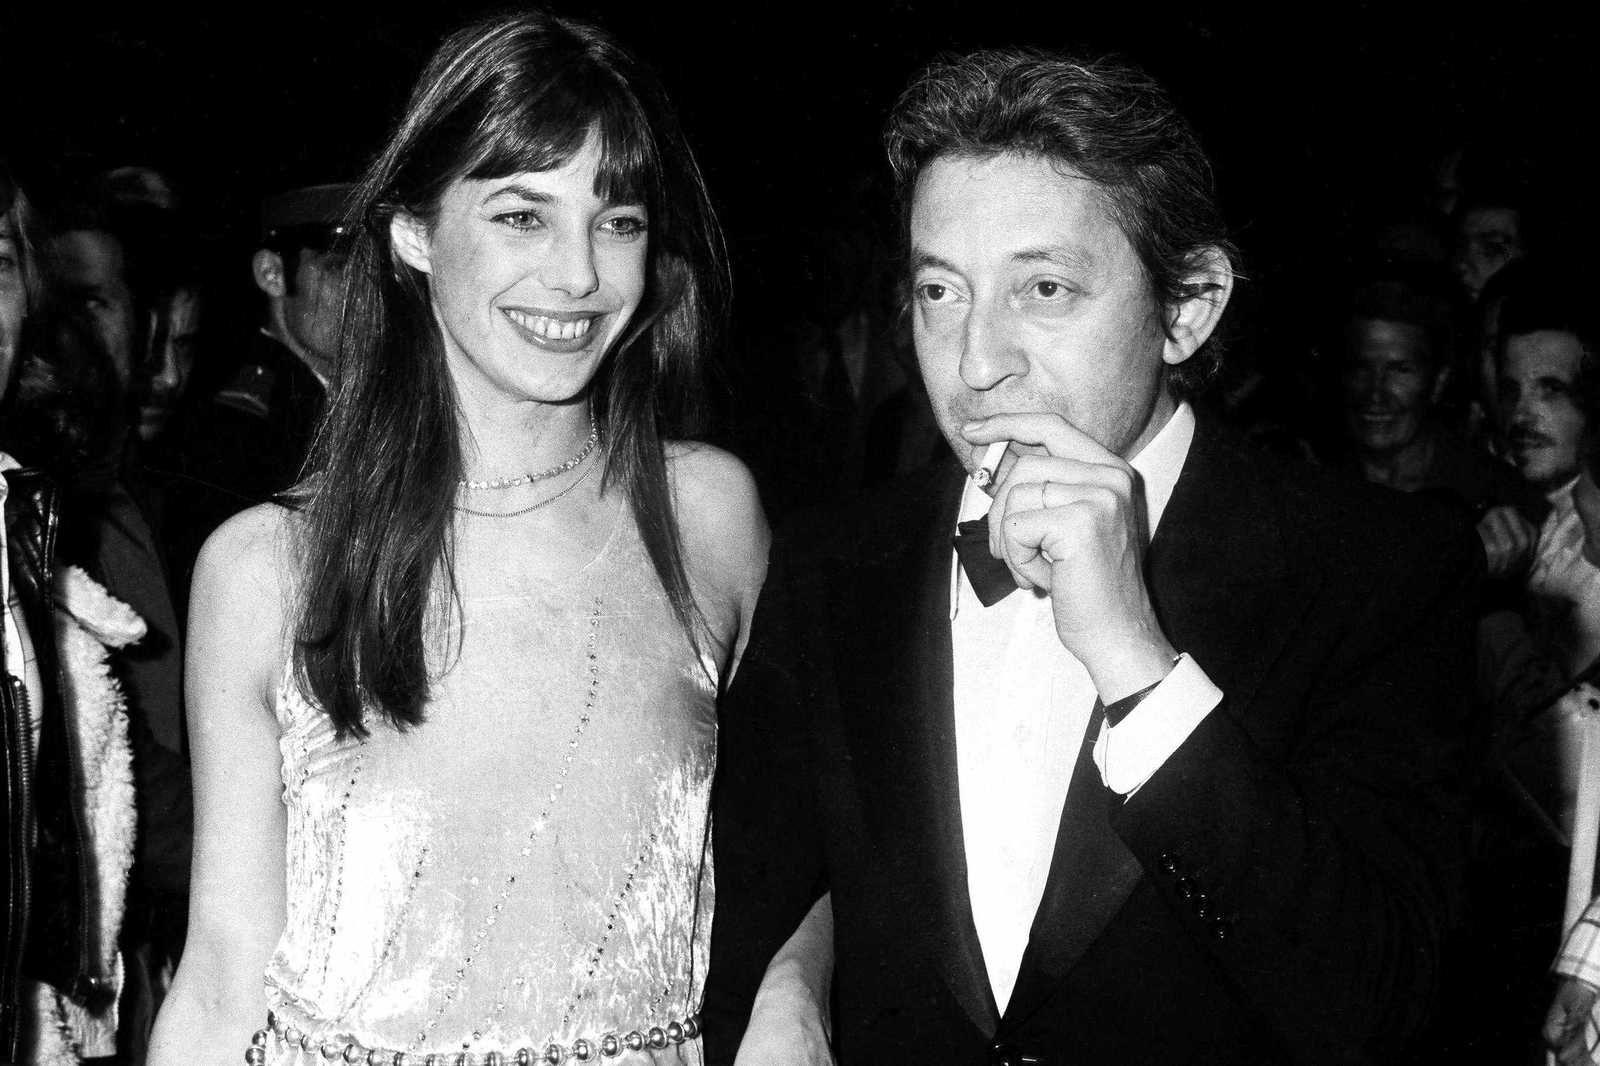 Le Festival de Cannes comme vous ne l'avez jamais vu